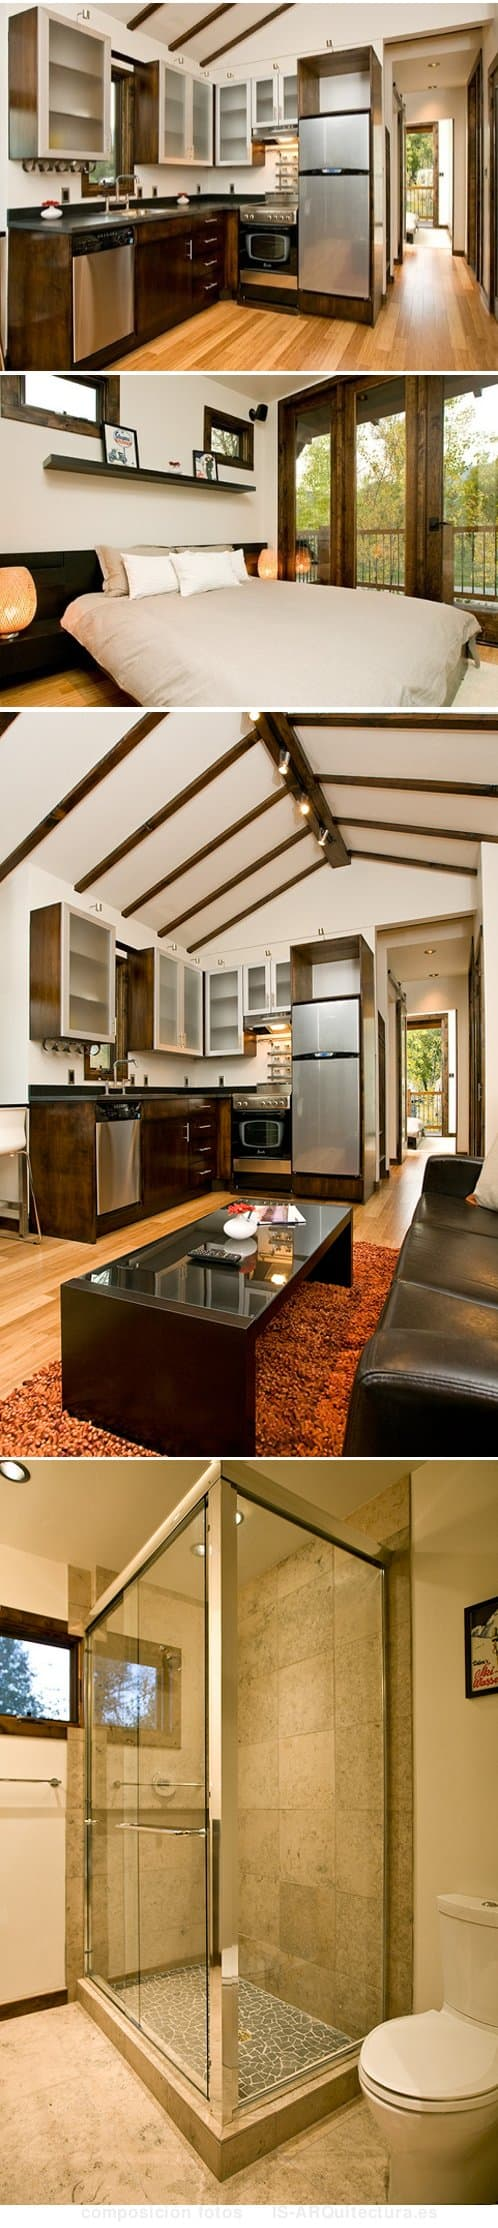 cabaña-madera-metal-park_model, fotos interiores